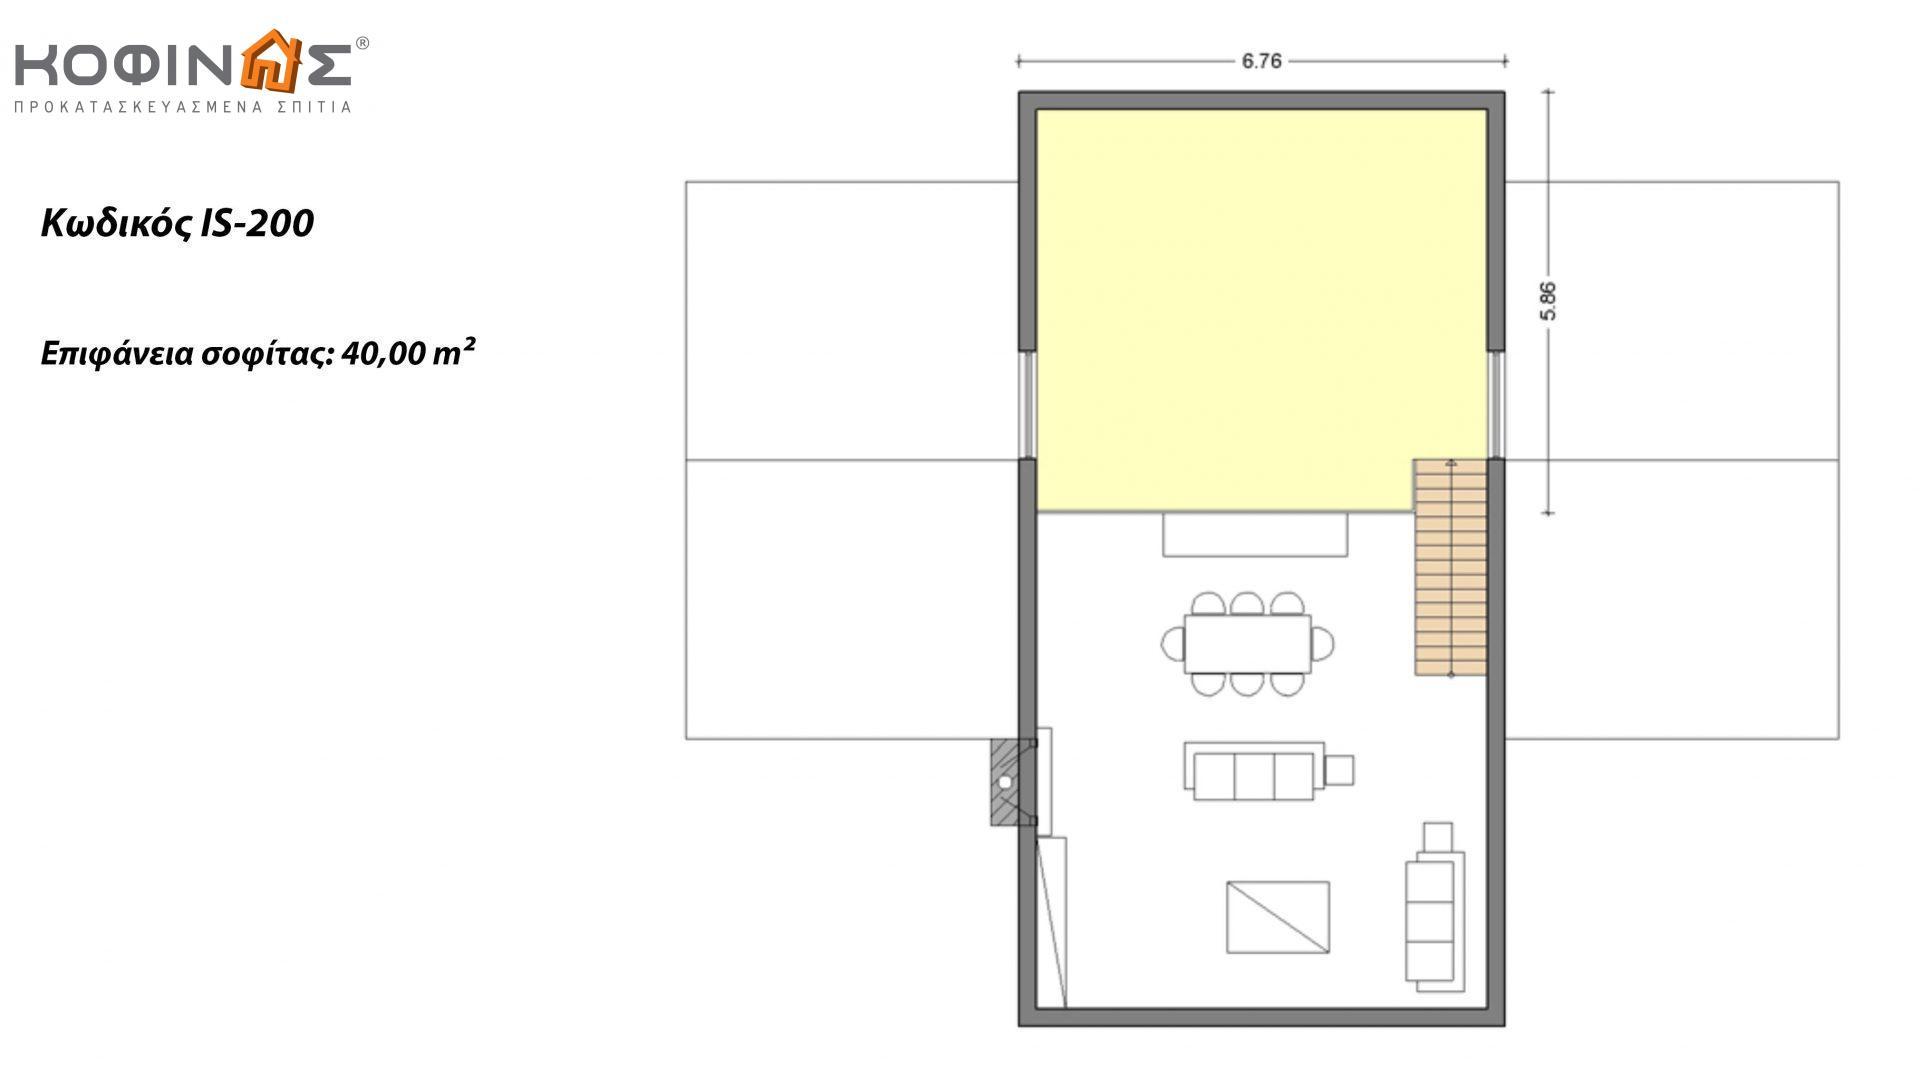 Ισόγεια Κατοικία με Σοφίτα IS-200, συνολικής επιφάνειας 200,00 τ.μ., συνολική επιφάνεια στεγασμένων χώρων 2,50 τ.μ.